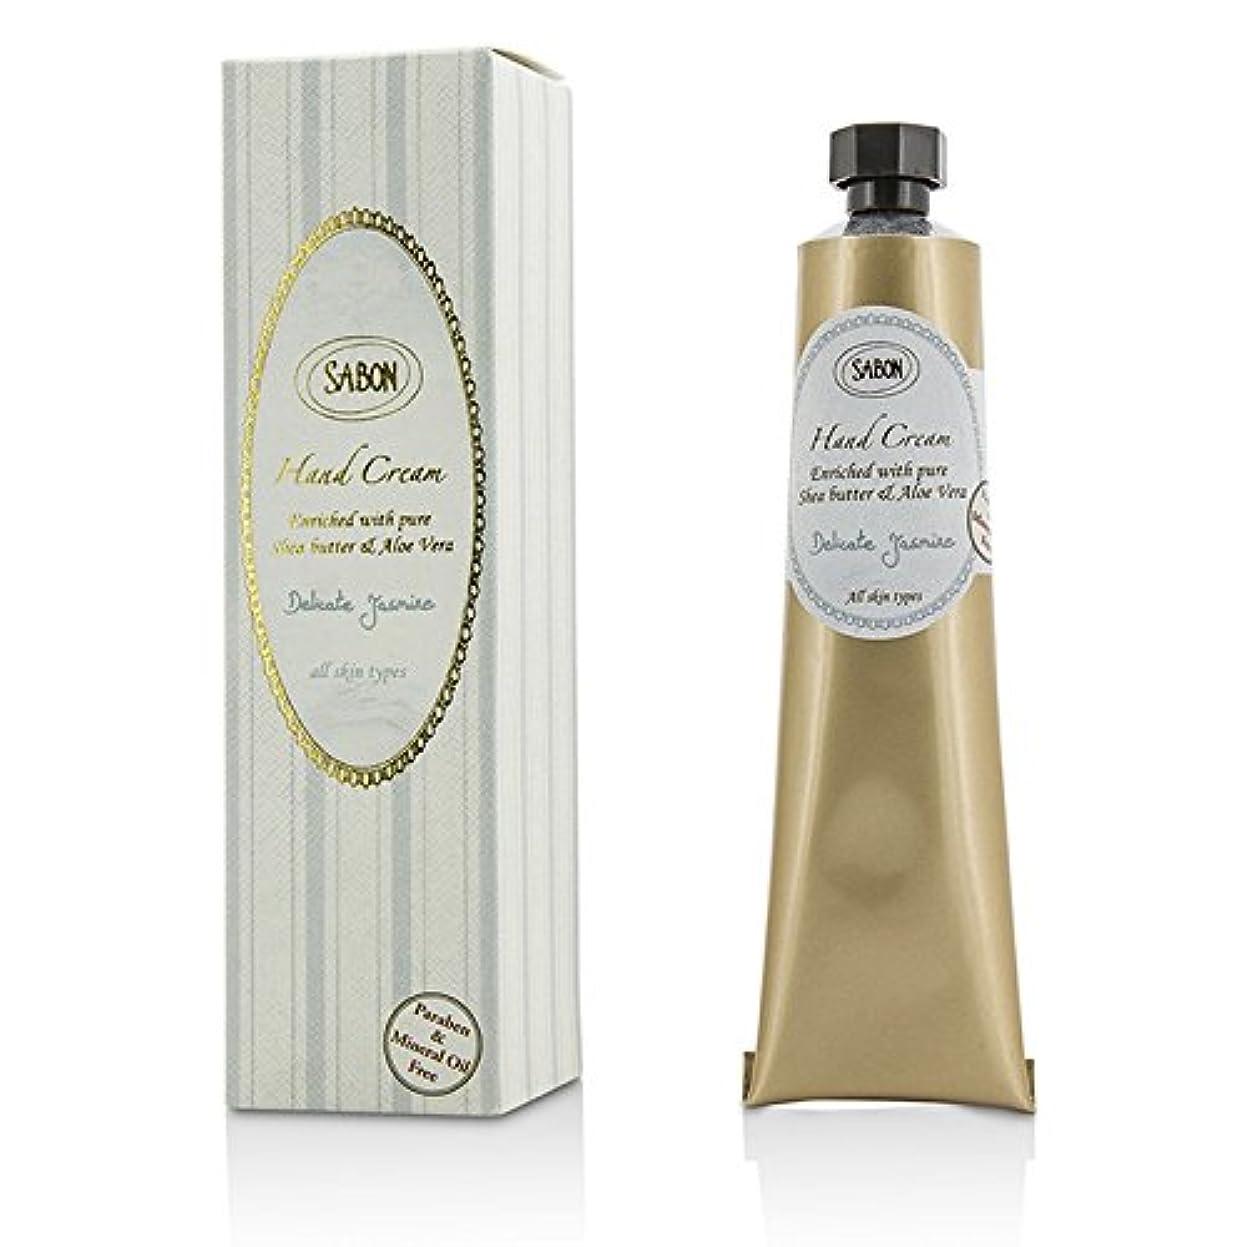 自分情緒的引き出すサボン Hand Cream - Delicate Jasmine (Tube) 50ml/1.66oz並行輸入品